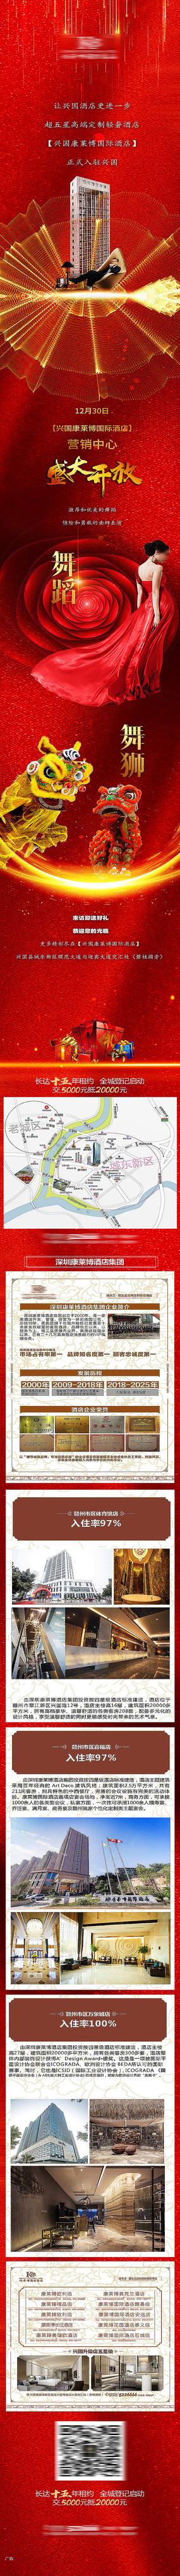 项目介绍房地产微信广告 PSD